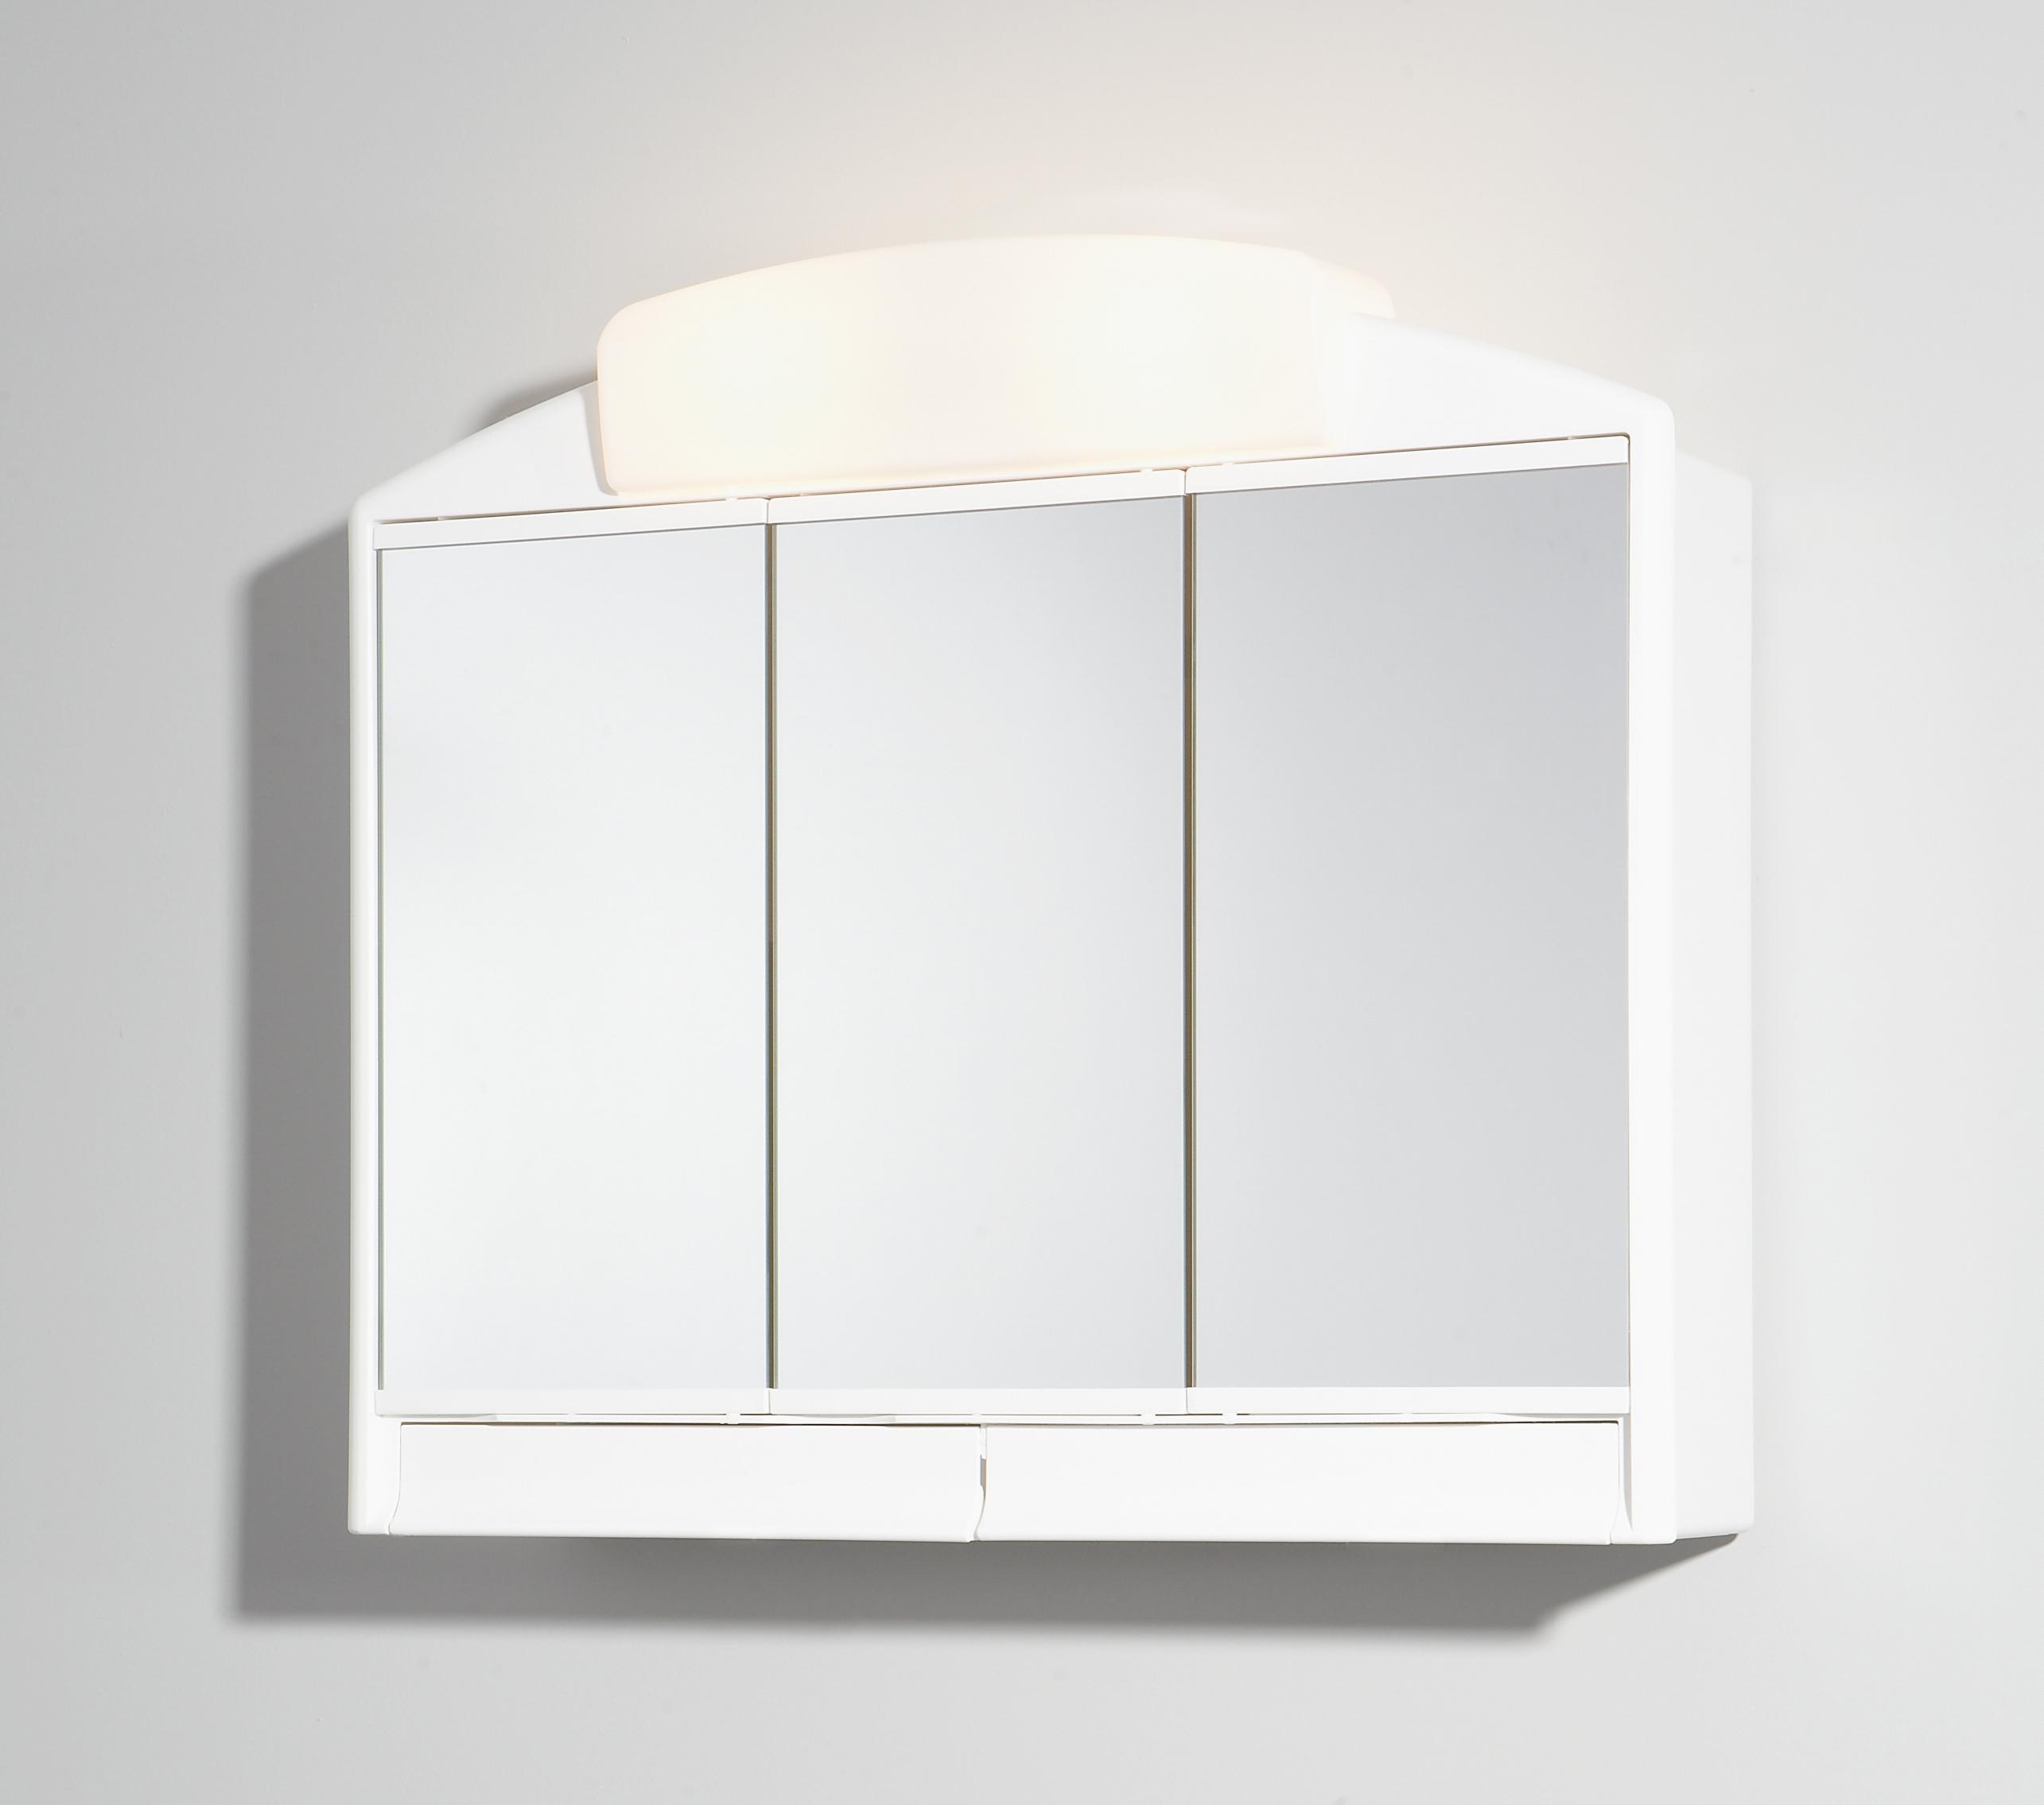 Jokey Spiegelschrank Rano 3-türig weiß 59x51x16cm Bild 1